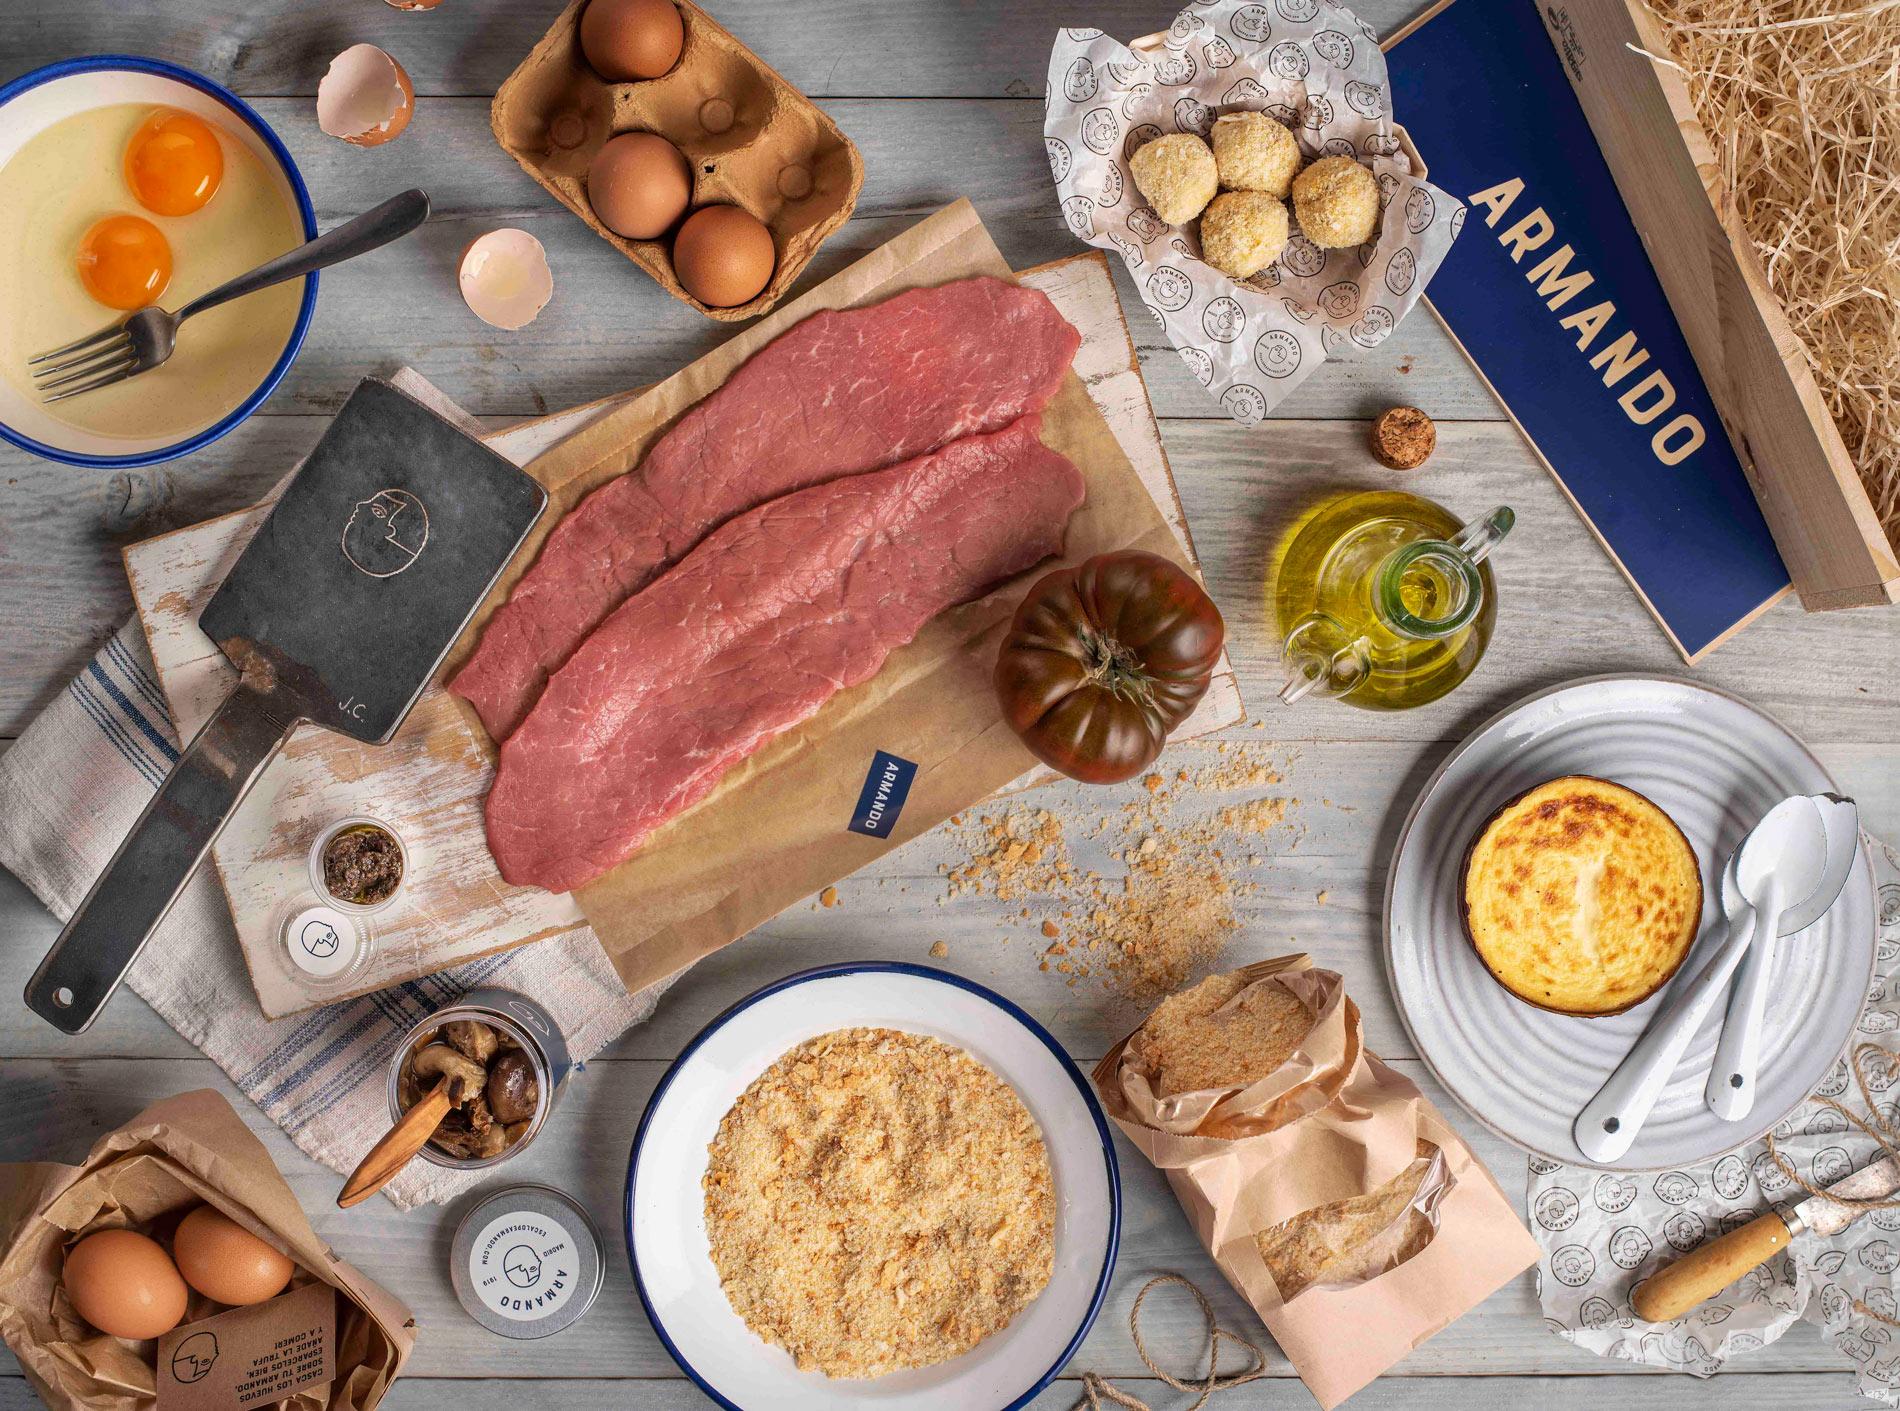 Agenda gastronómica de Madrid (del 26 noviembre al 2 diciembre)